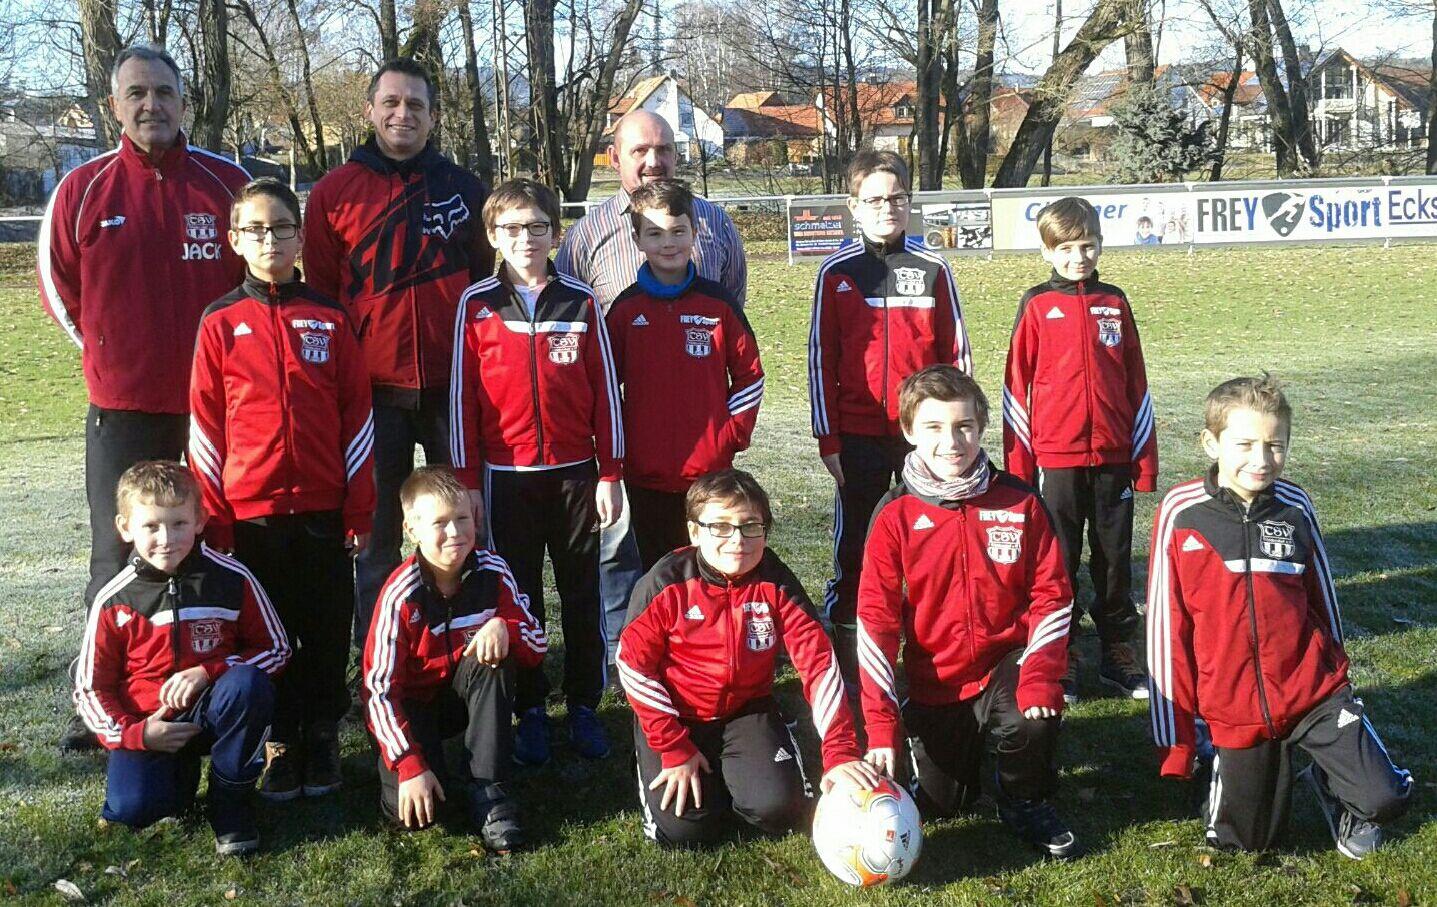 E-Junioren U11 2020/21 - U11 Junioren